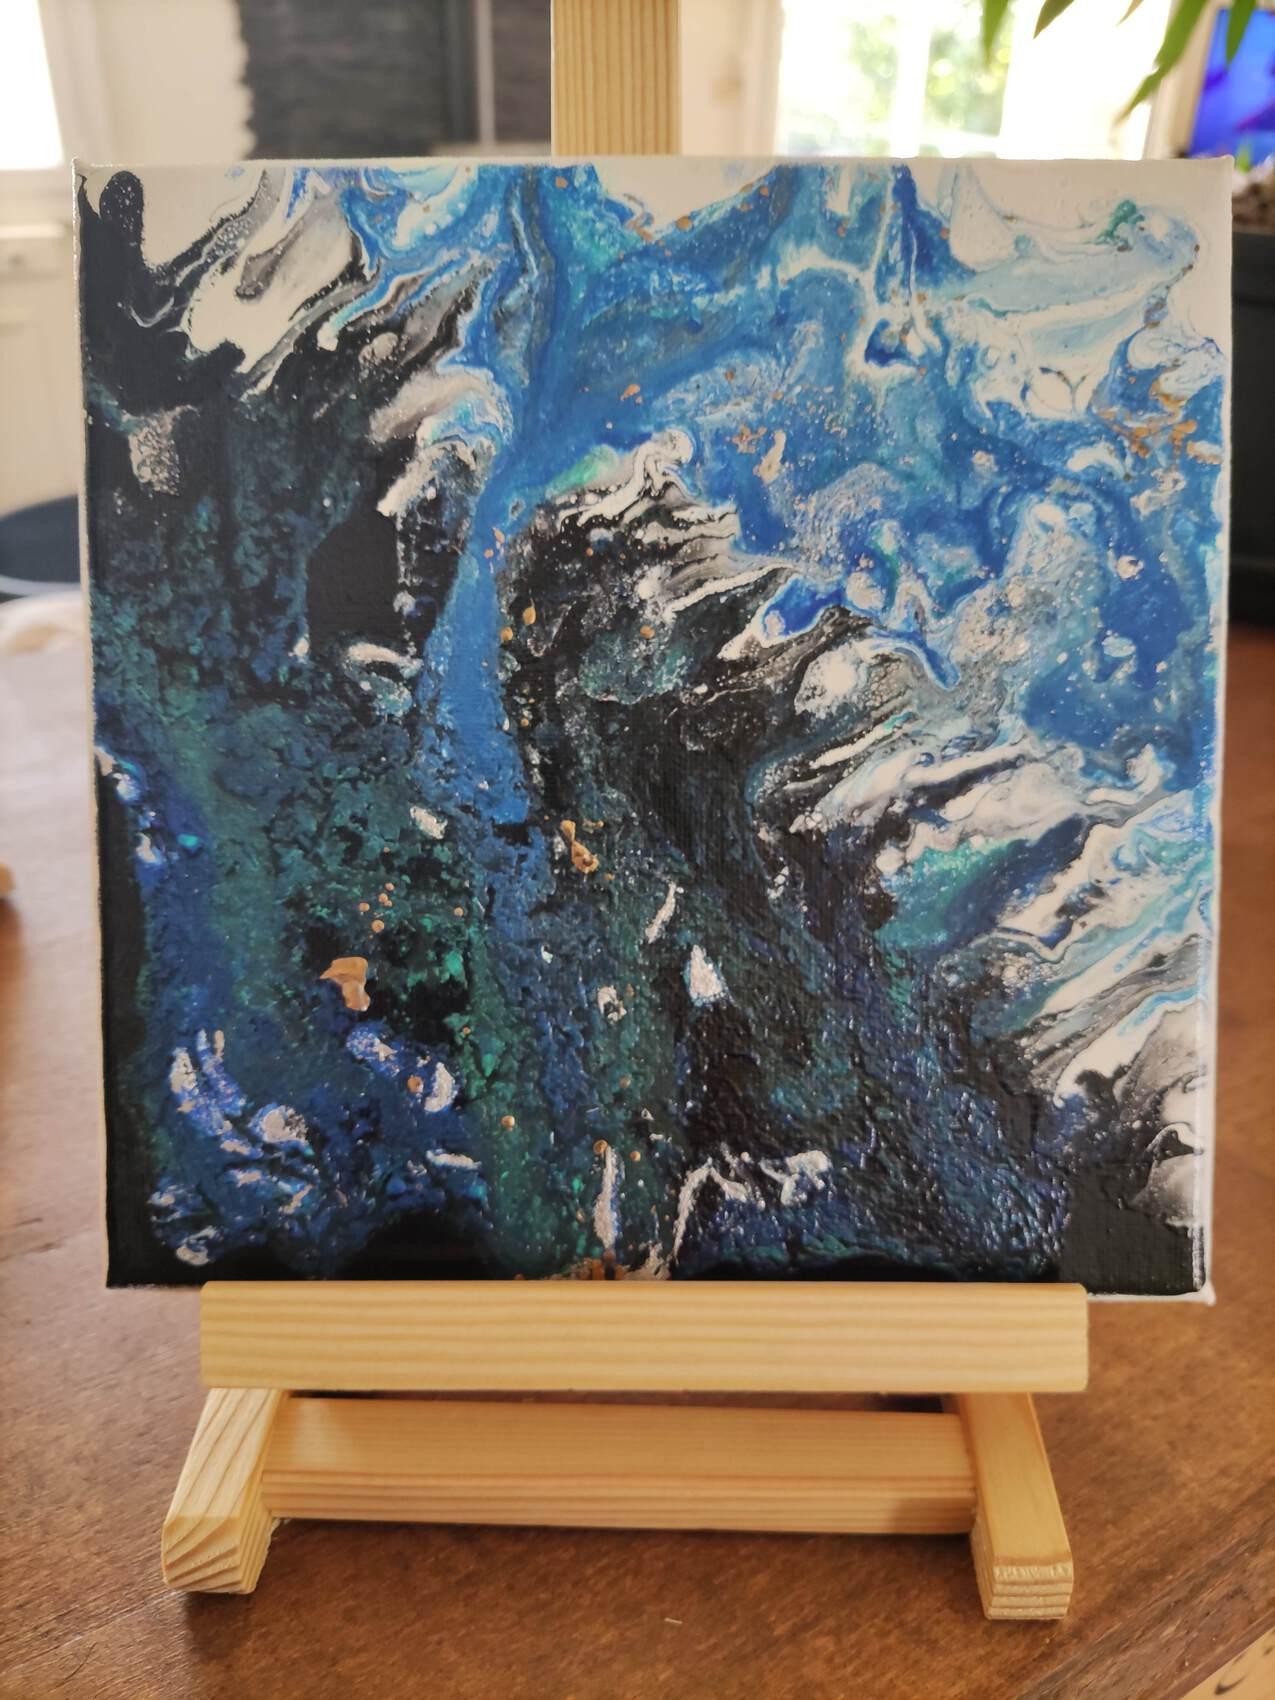 Mer peinture abstraite